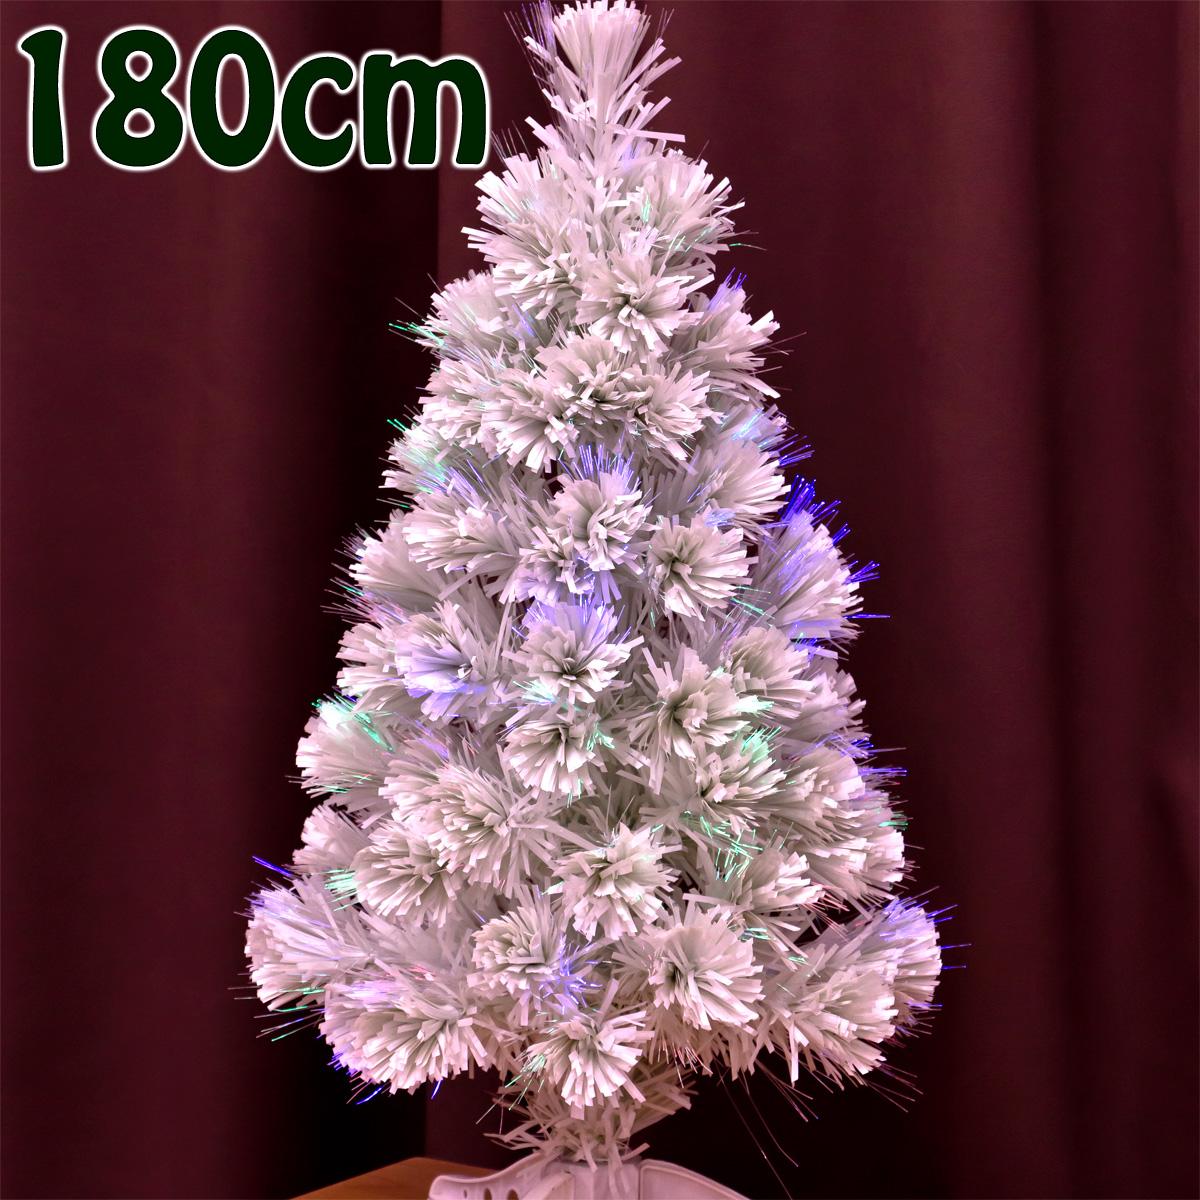 クリスマスツリー ファイバー 180cm 白 分割型 ホワイトツリー ファイバーツリー LED光源 北欧 おしゃれ